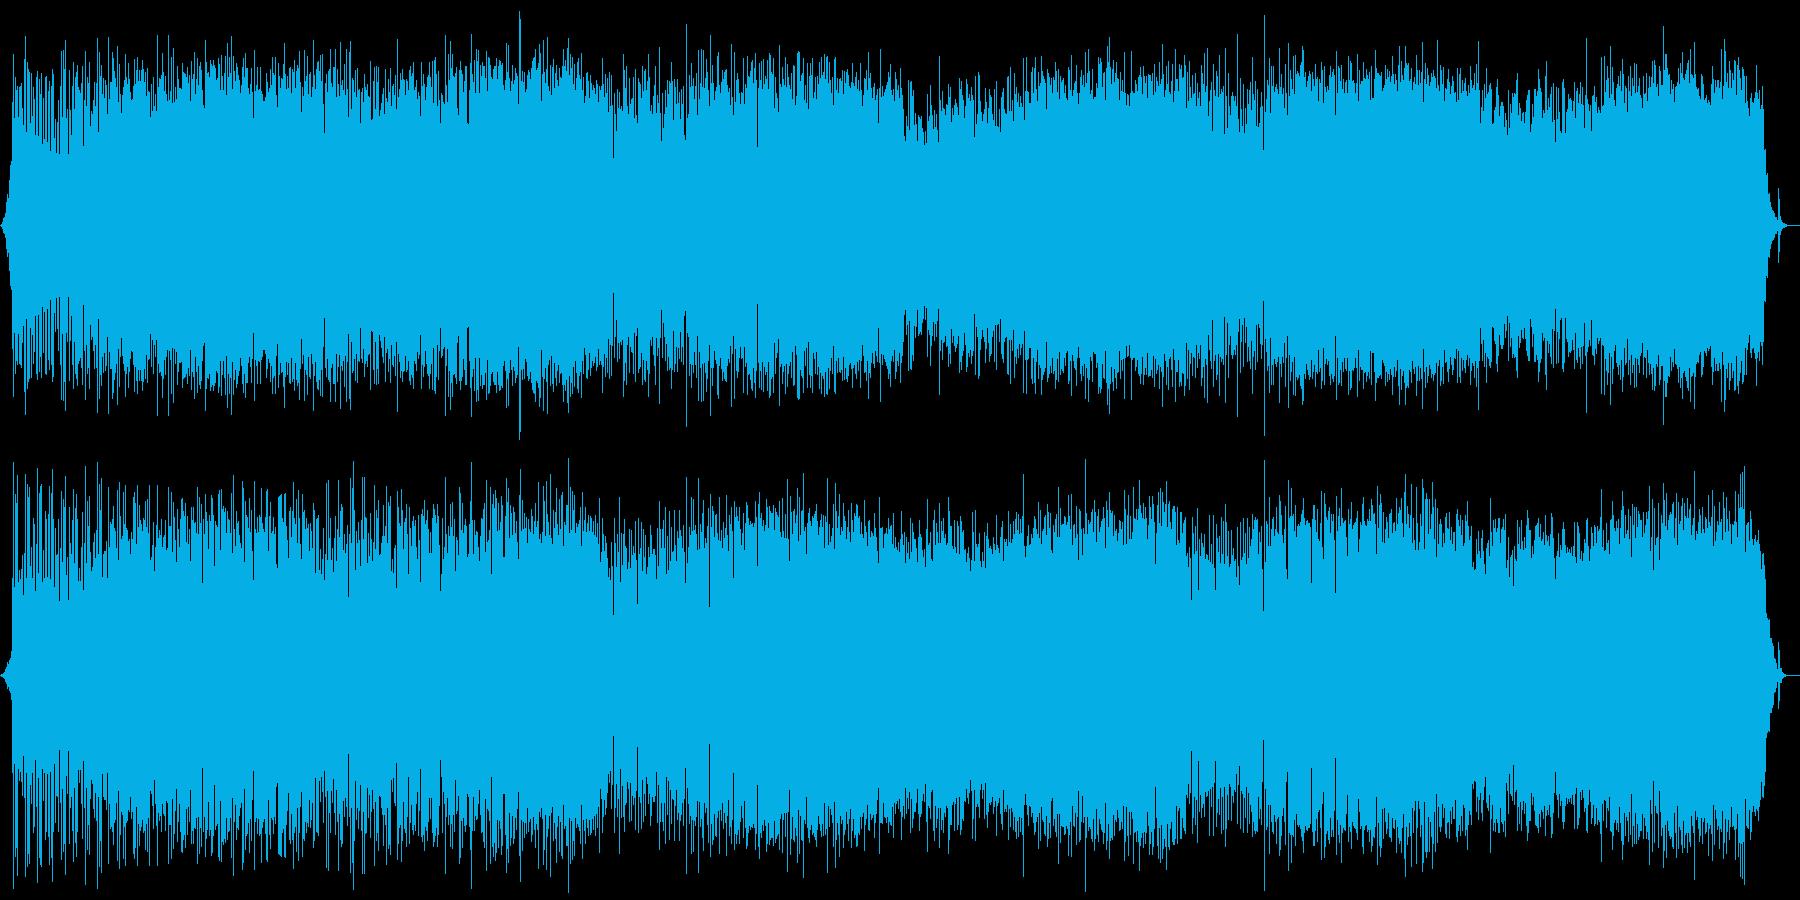 スペイン風の民族音楽の再生済みの波形